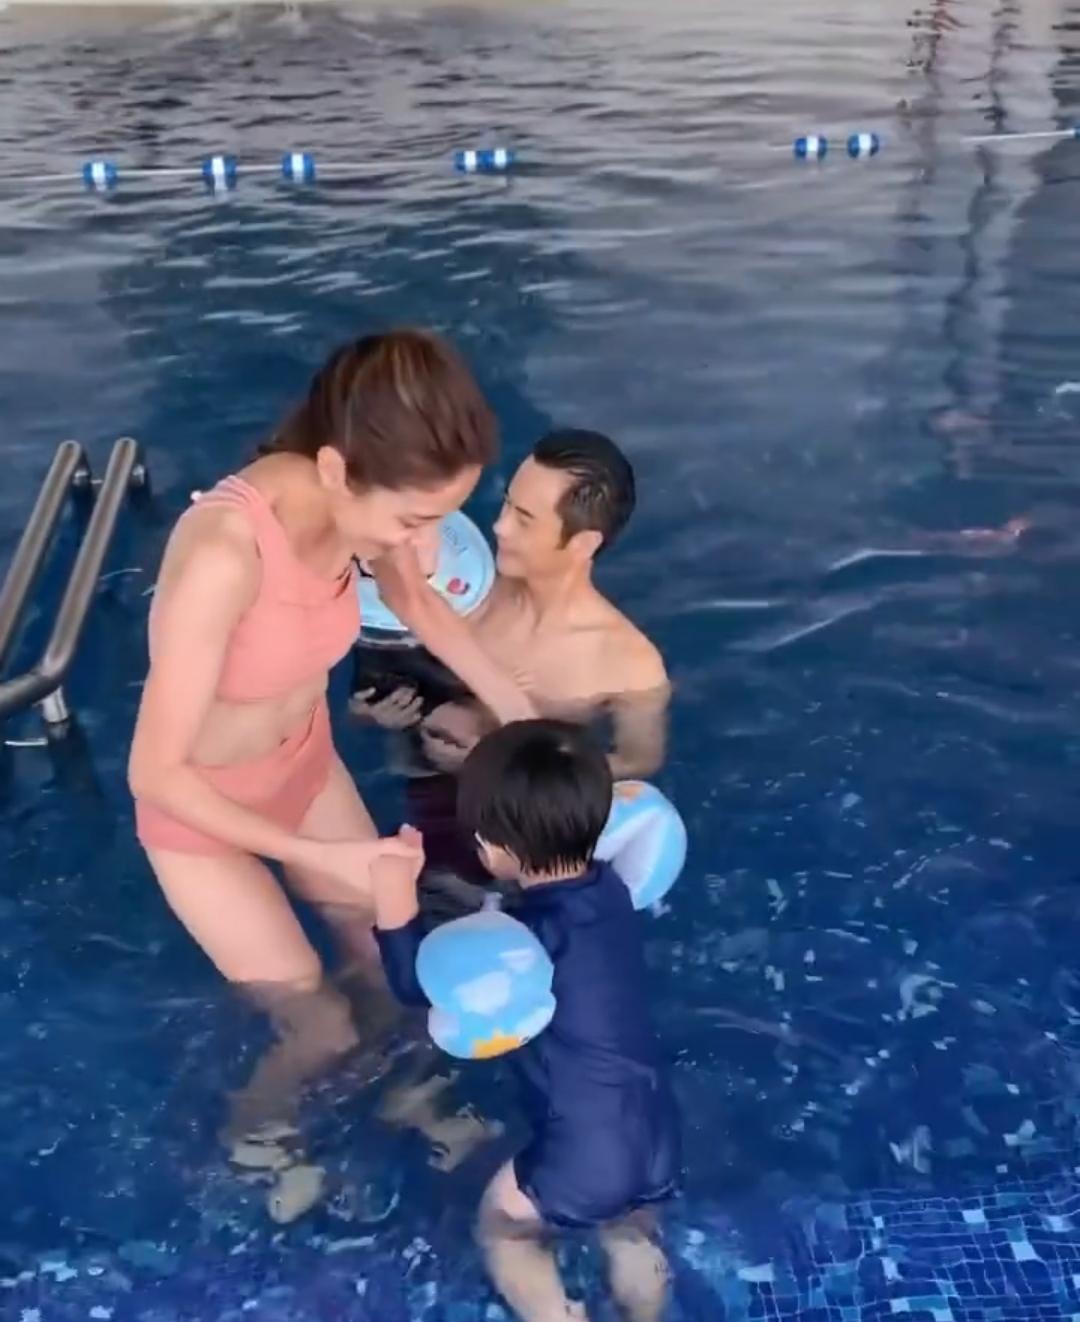 郑嘉颖小22岁娇妻陈凯琳晒生活日常庆生,一家四口泳池玩水超幸福